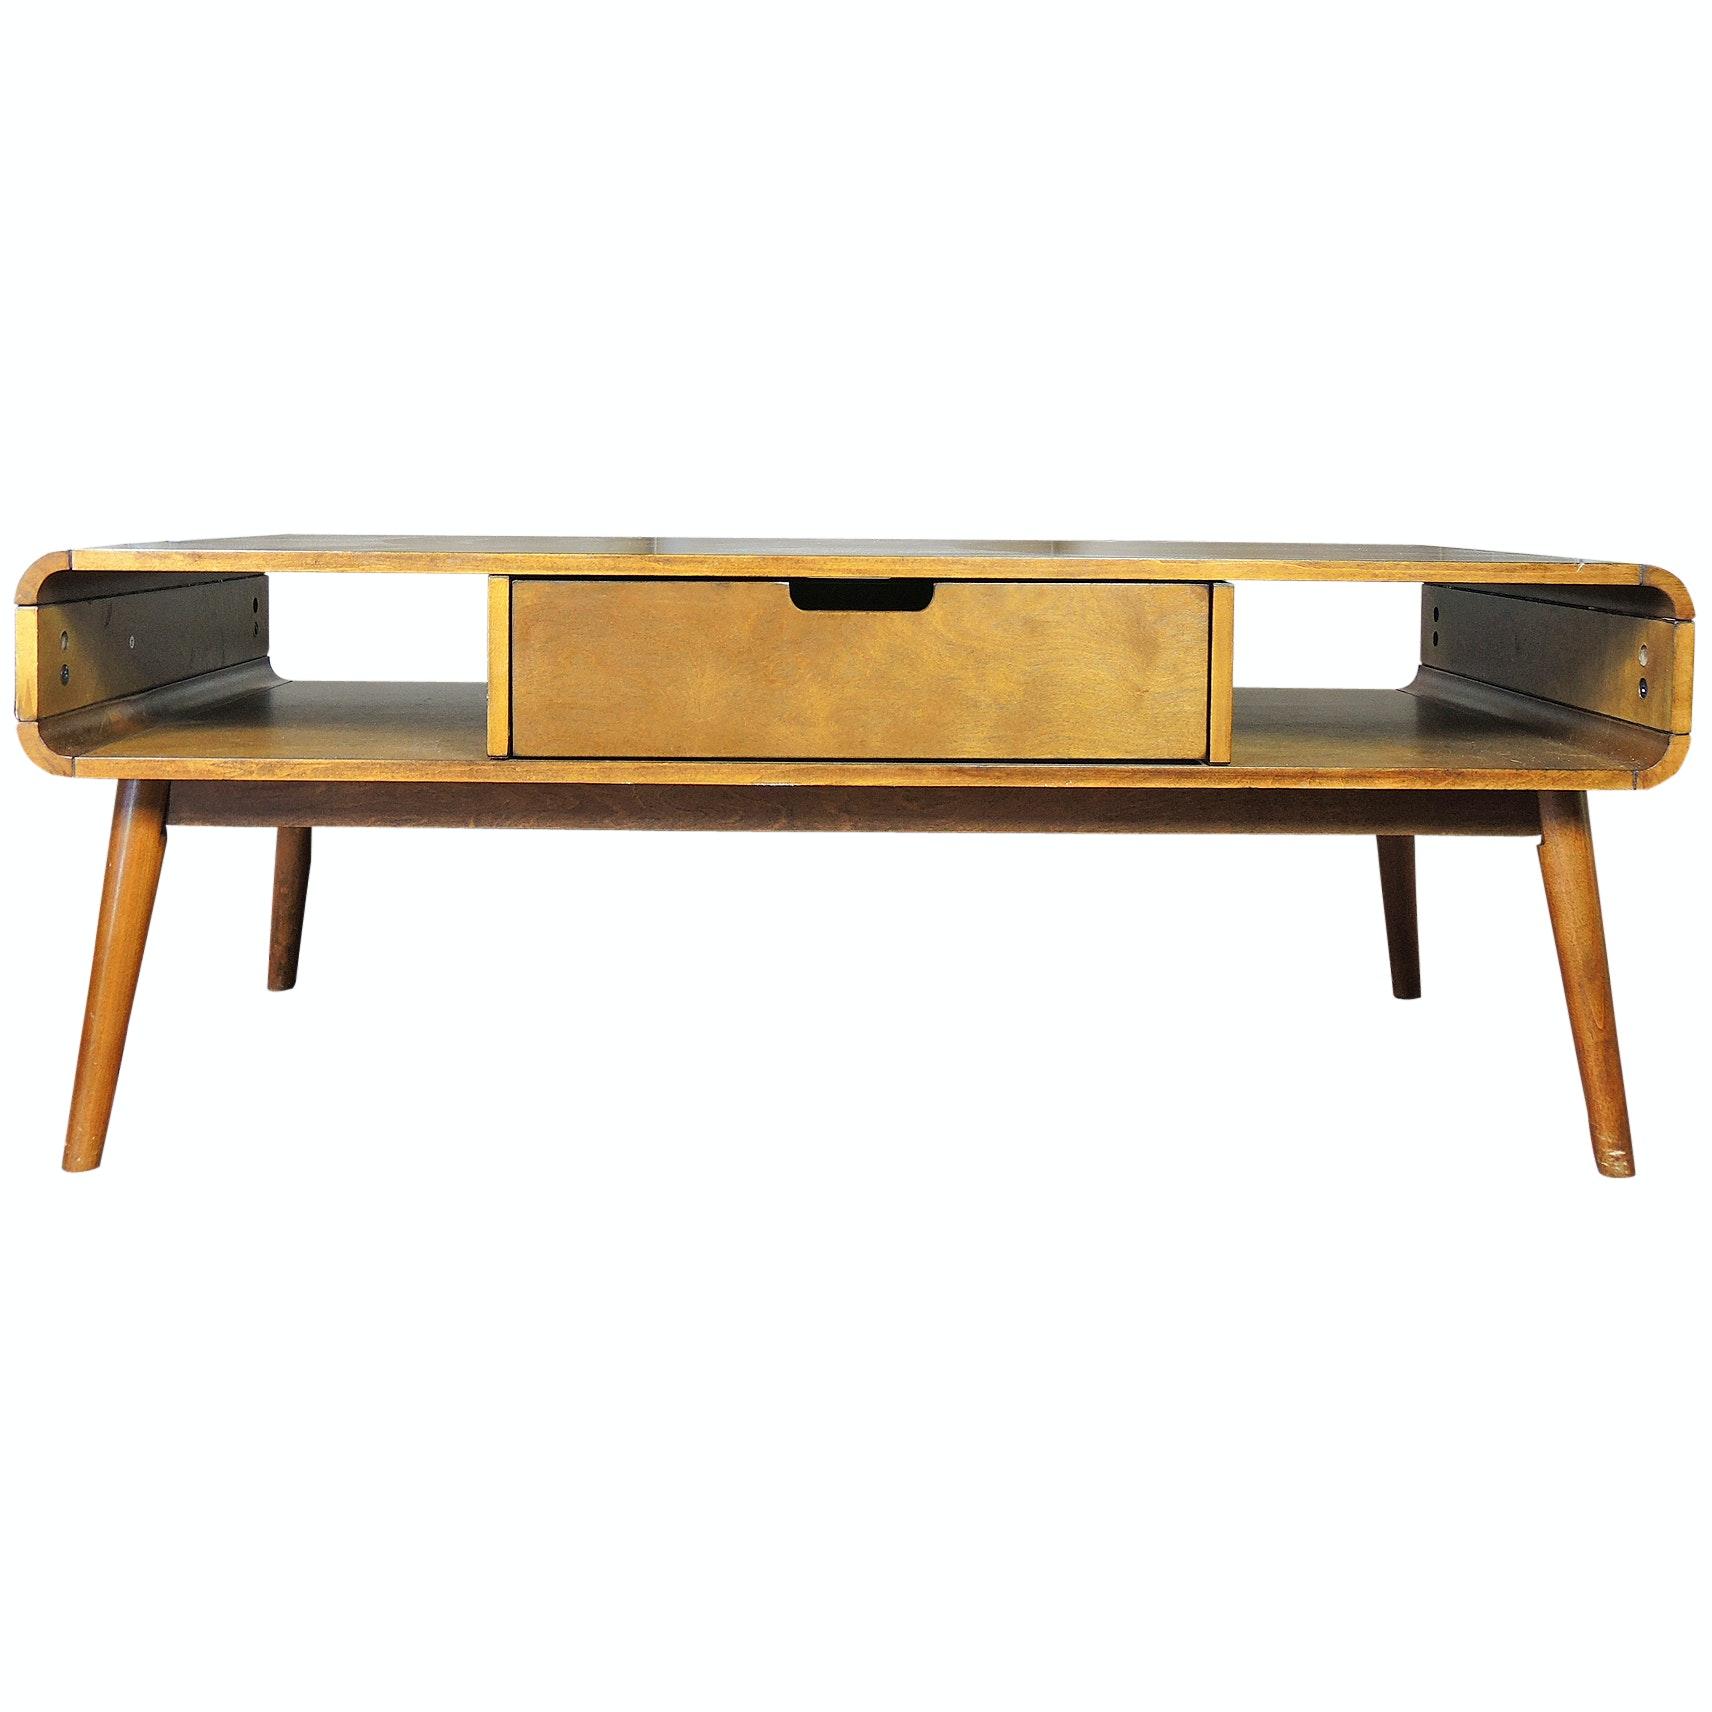 Mid Century Modern Style Coffee Table, 21st Century